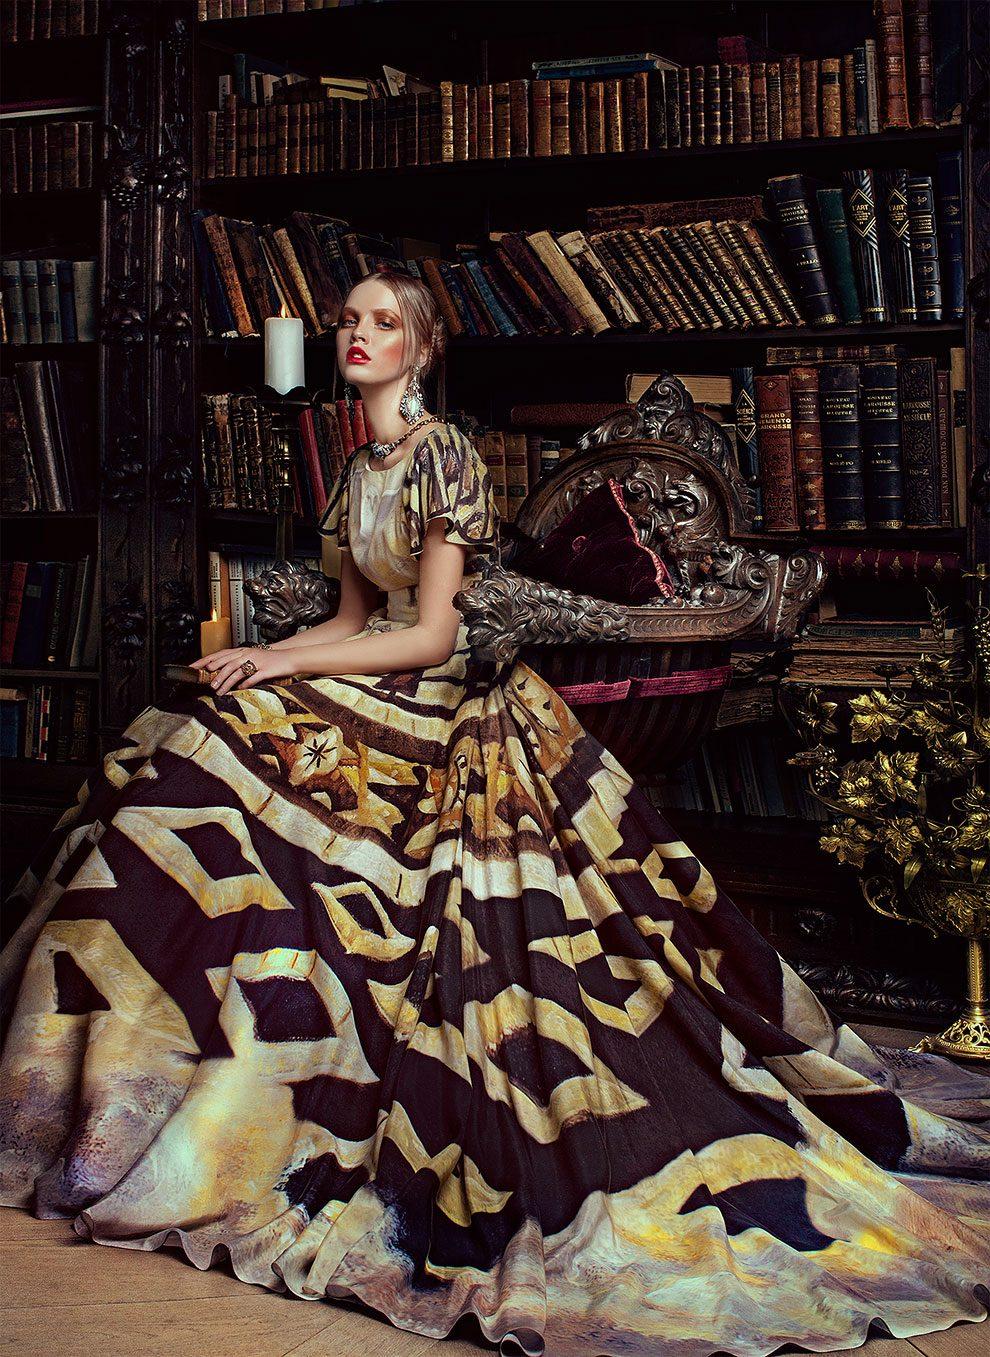 foto-moda-abiti-eleganti-marina-danilova-10